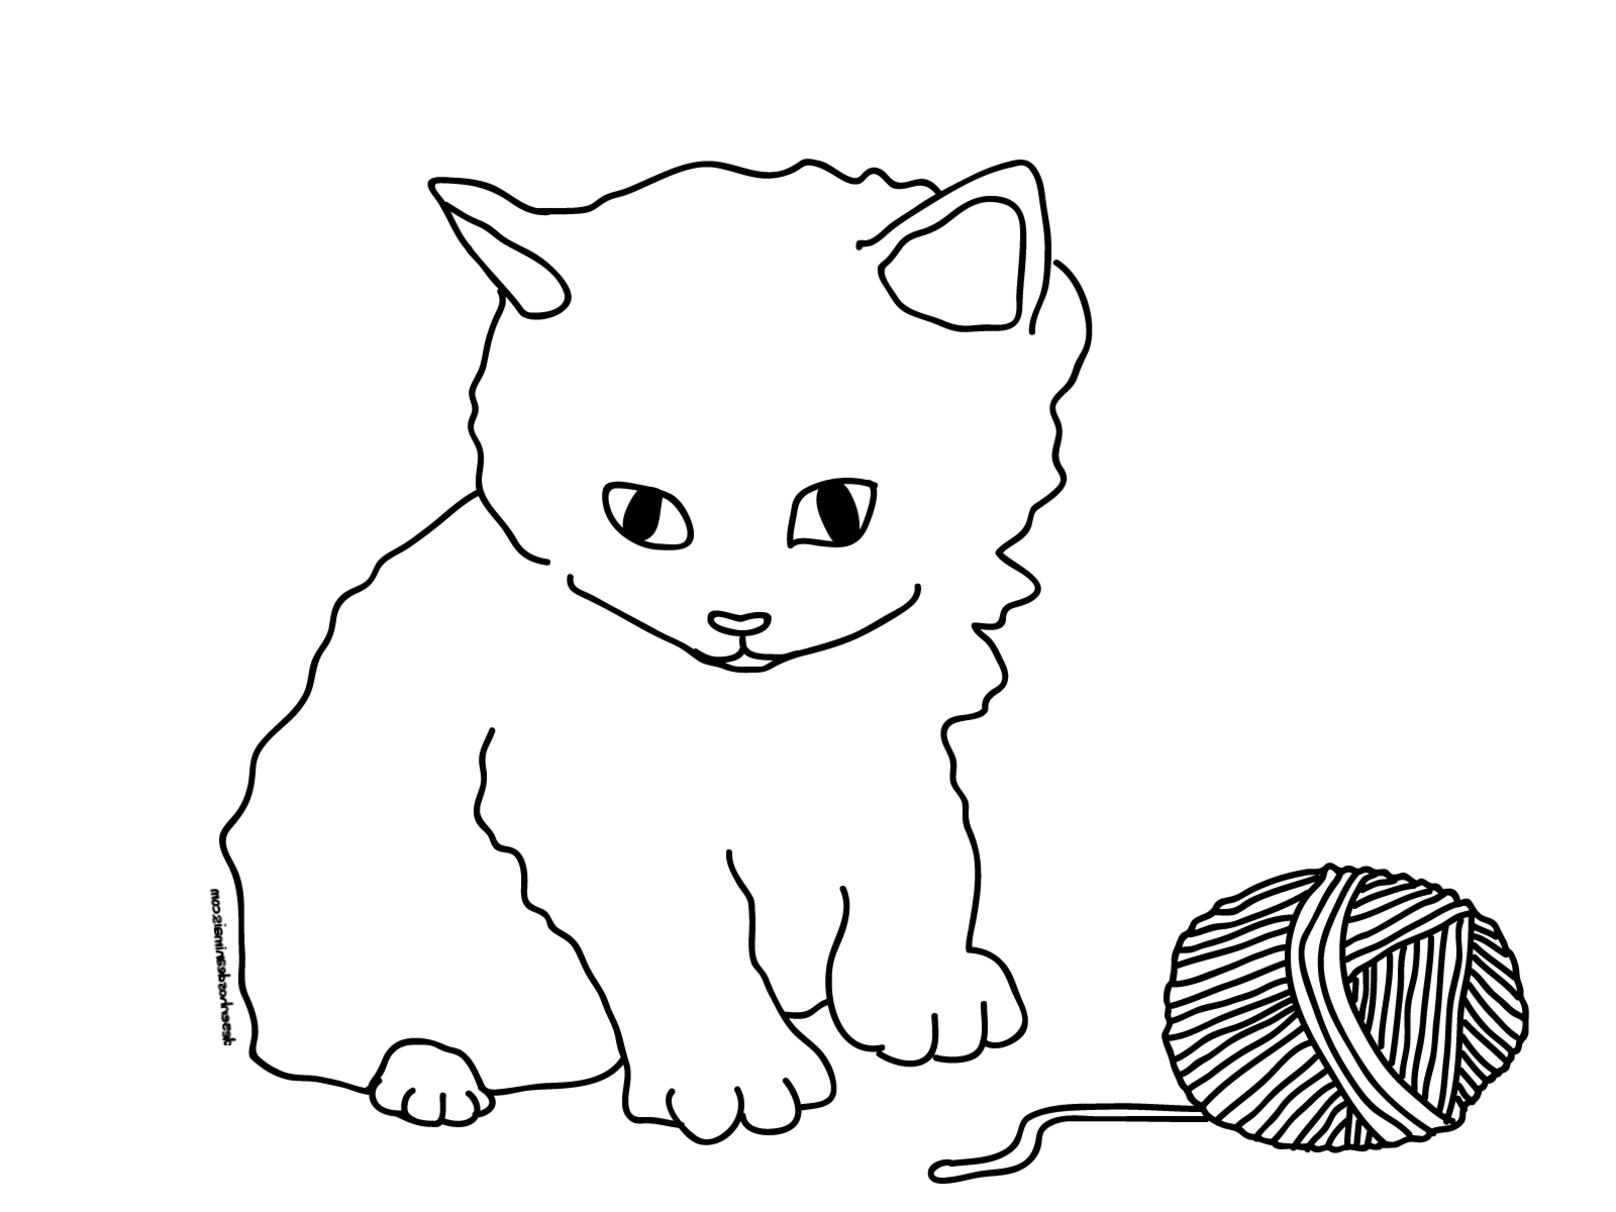 Ausmalbilder Kostenlos Zum Ausdrucken Katzen : Ausmalbilder Katzen Zum Ausdrucken 125 Malvorlage Katzen